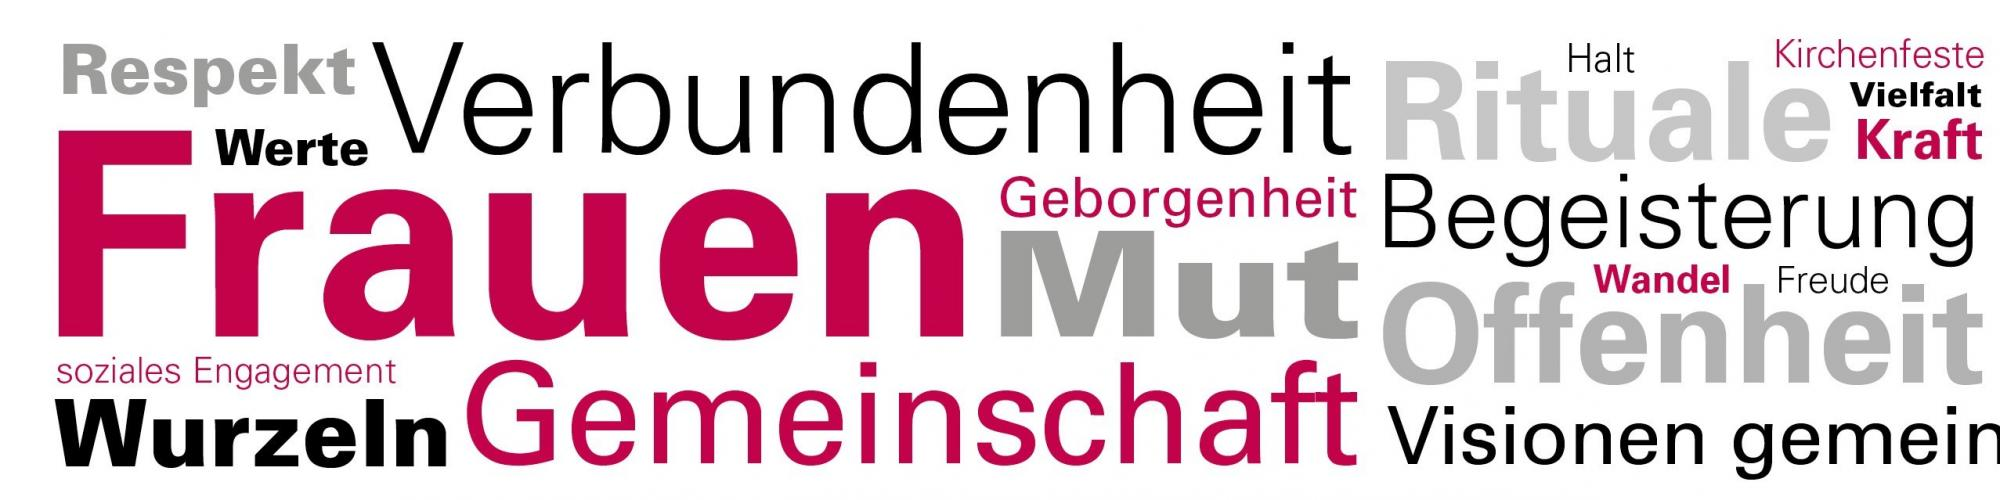 Katholischer Frauenbund St.Gallen - Appenzell